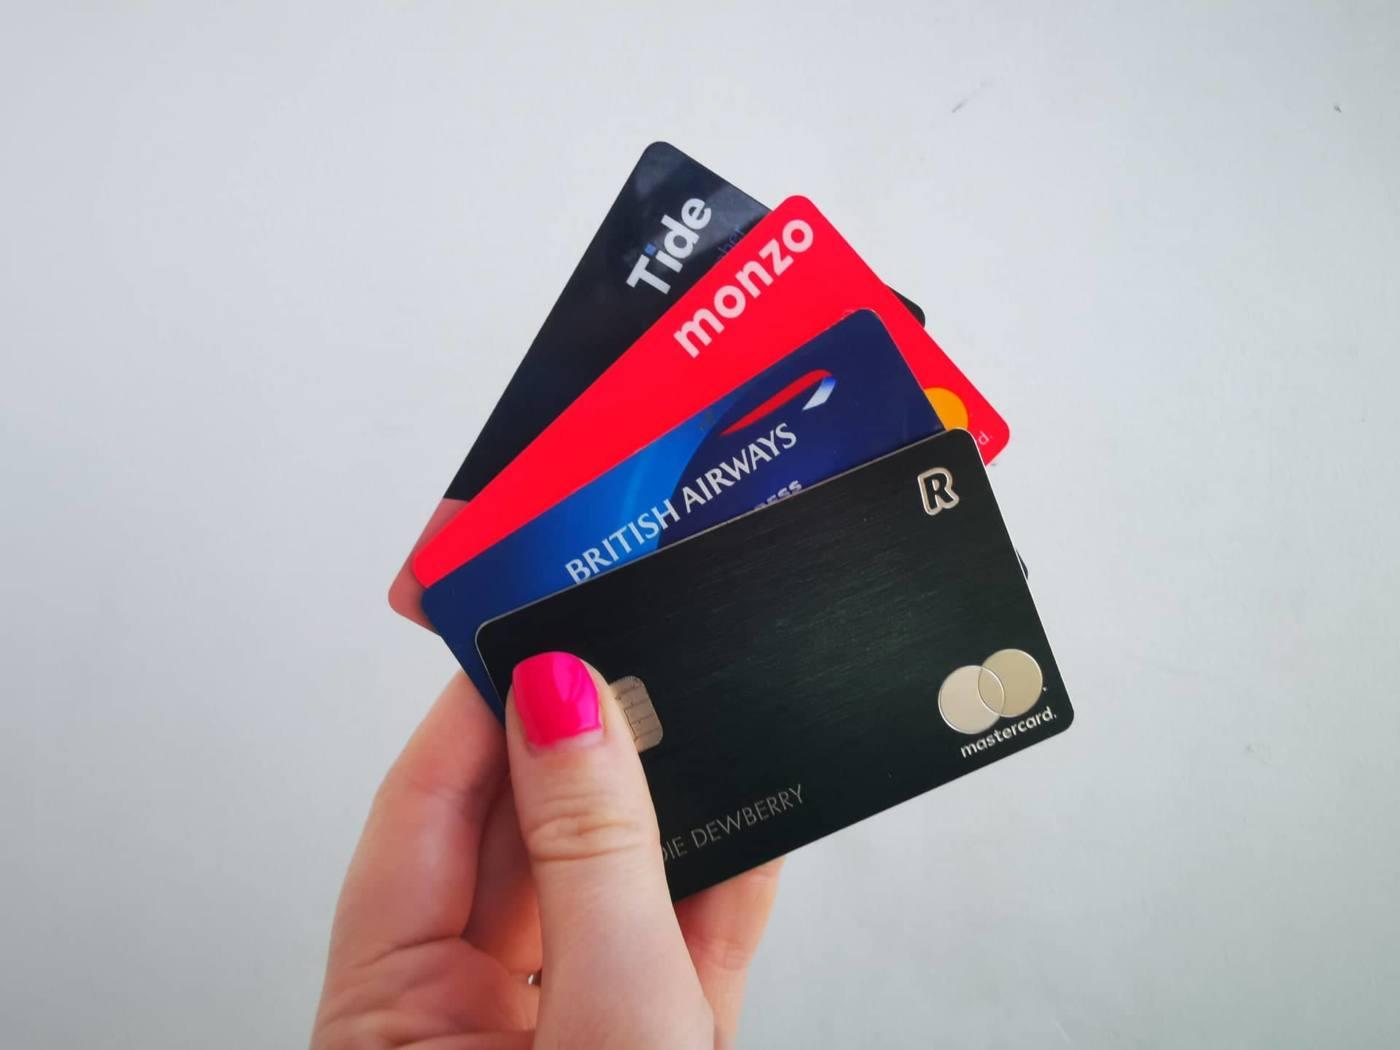 digital nomad banking